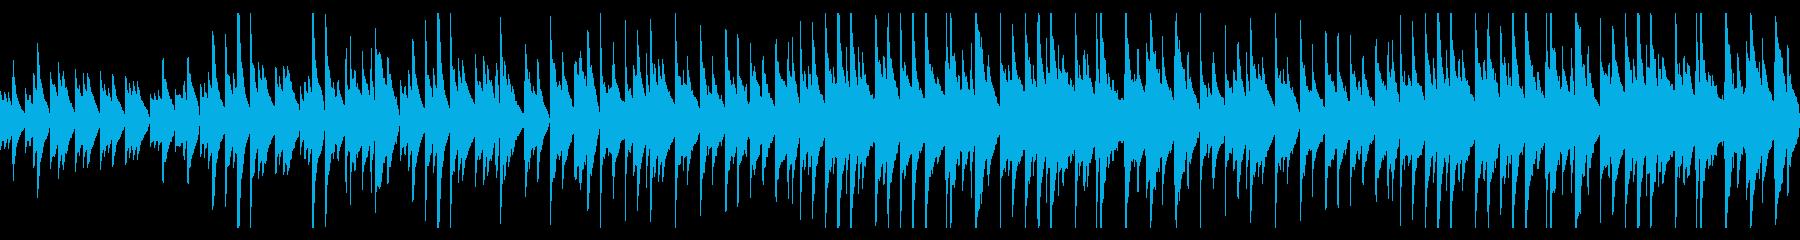 時計とピアノとストリングスのバラードの再生済みの波形